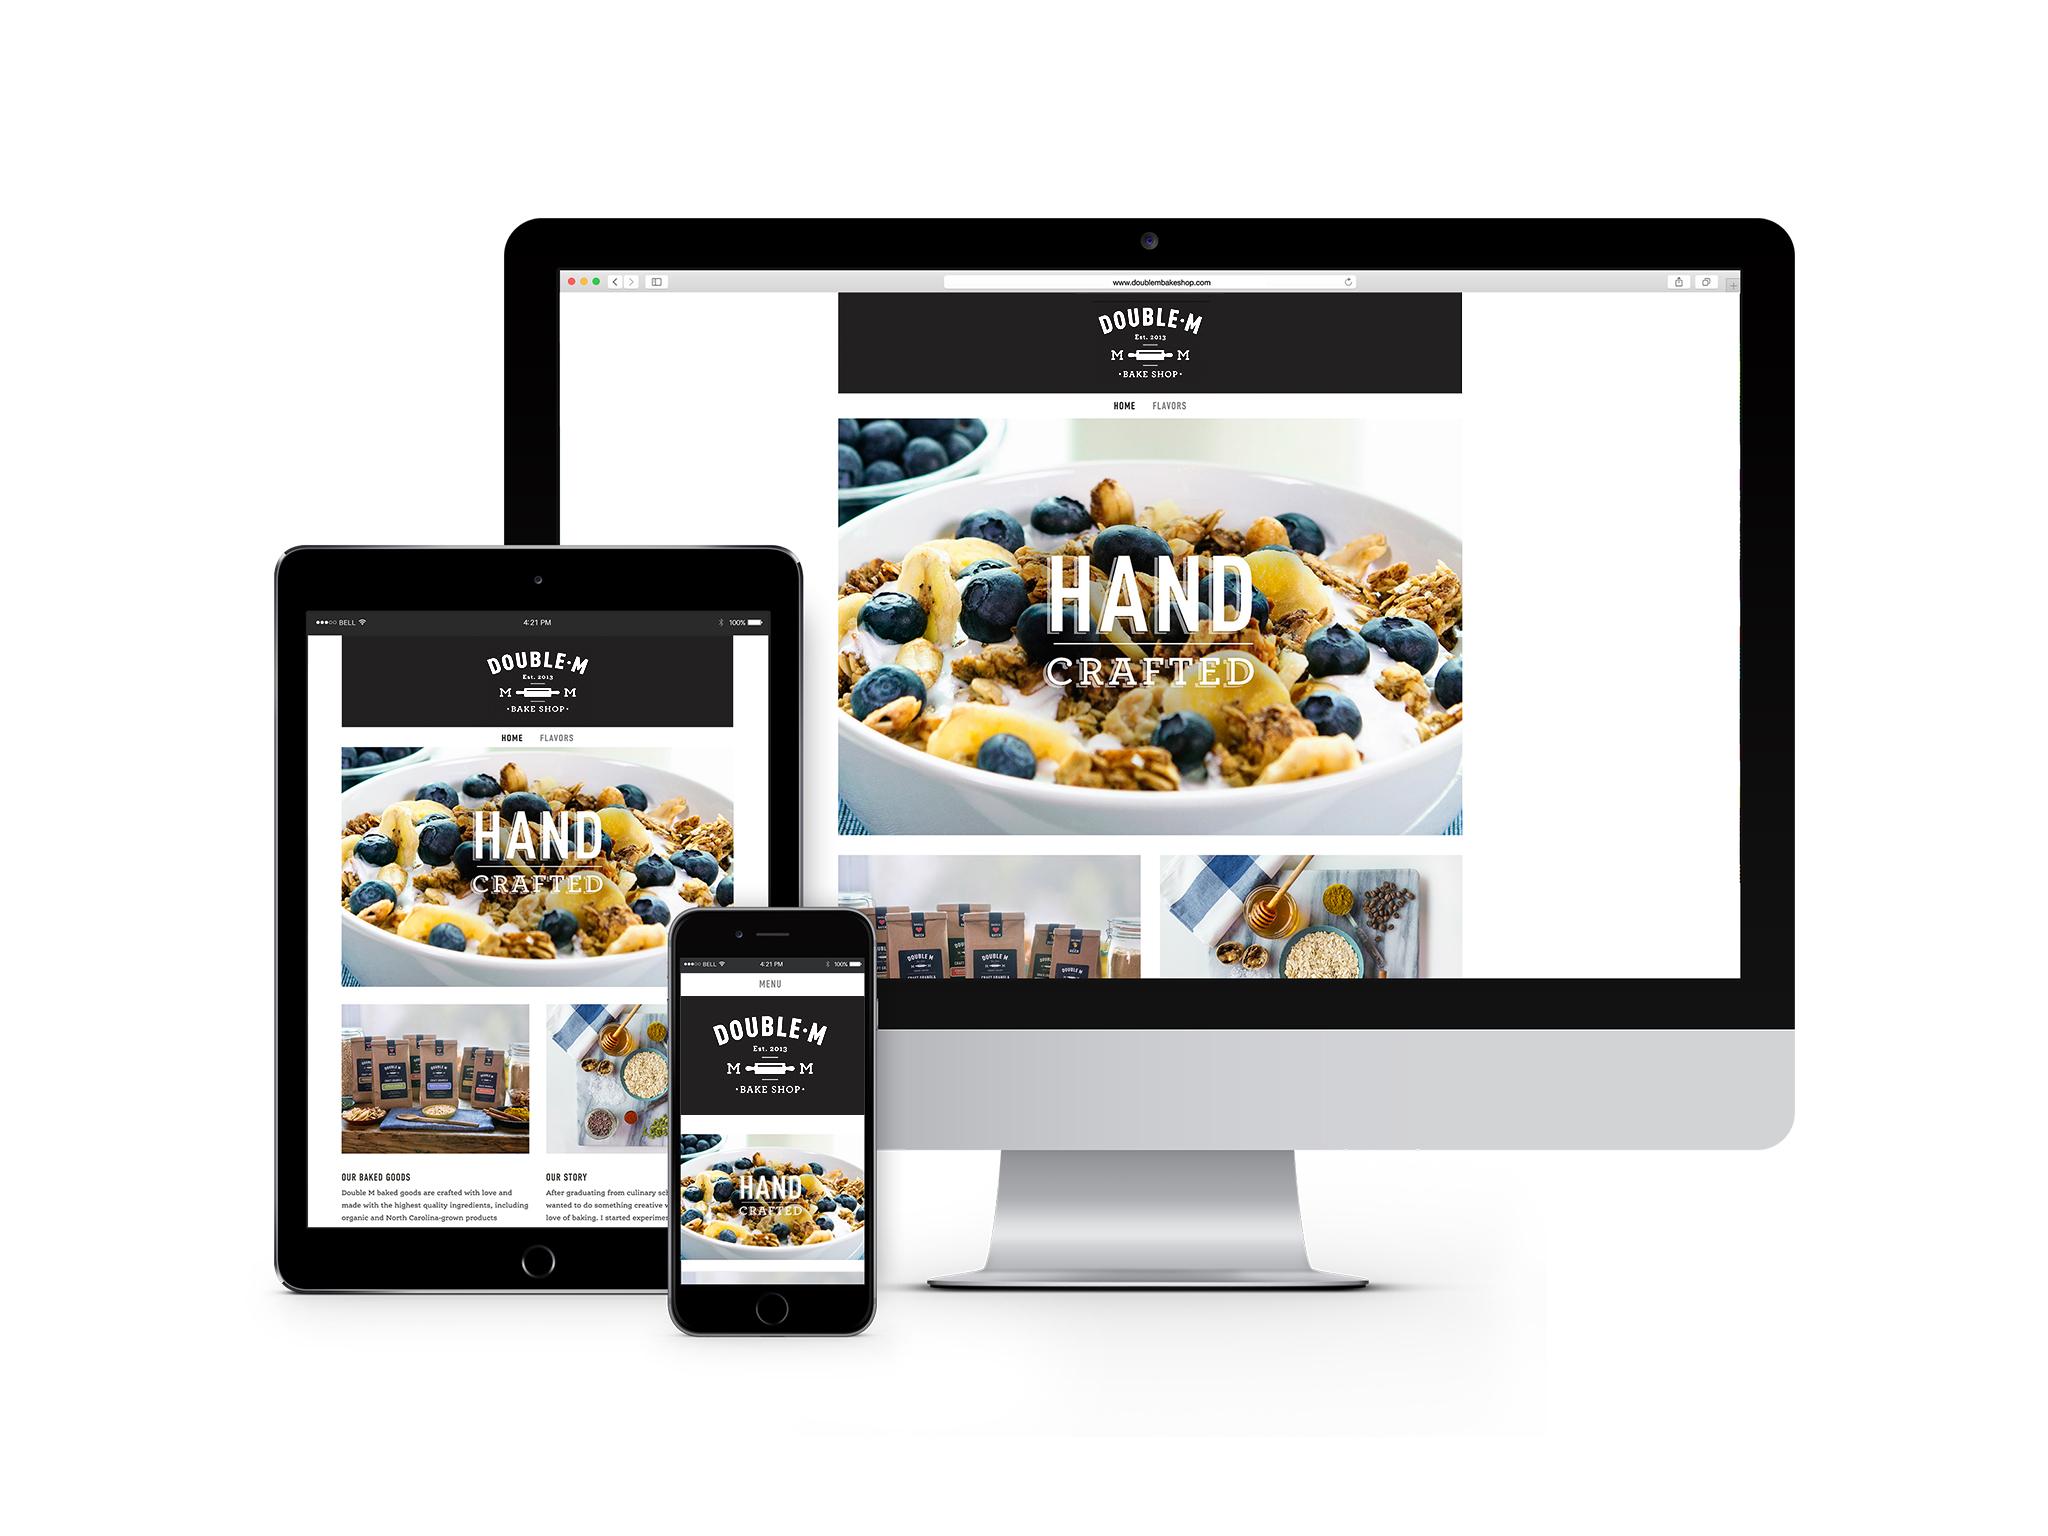 Double M Bake Shop website designs